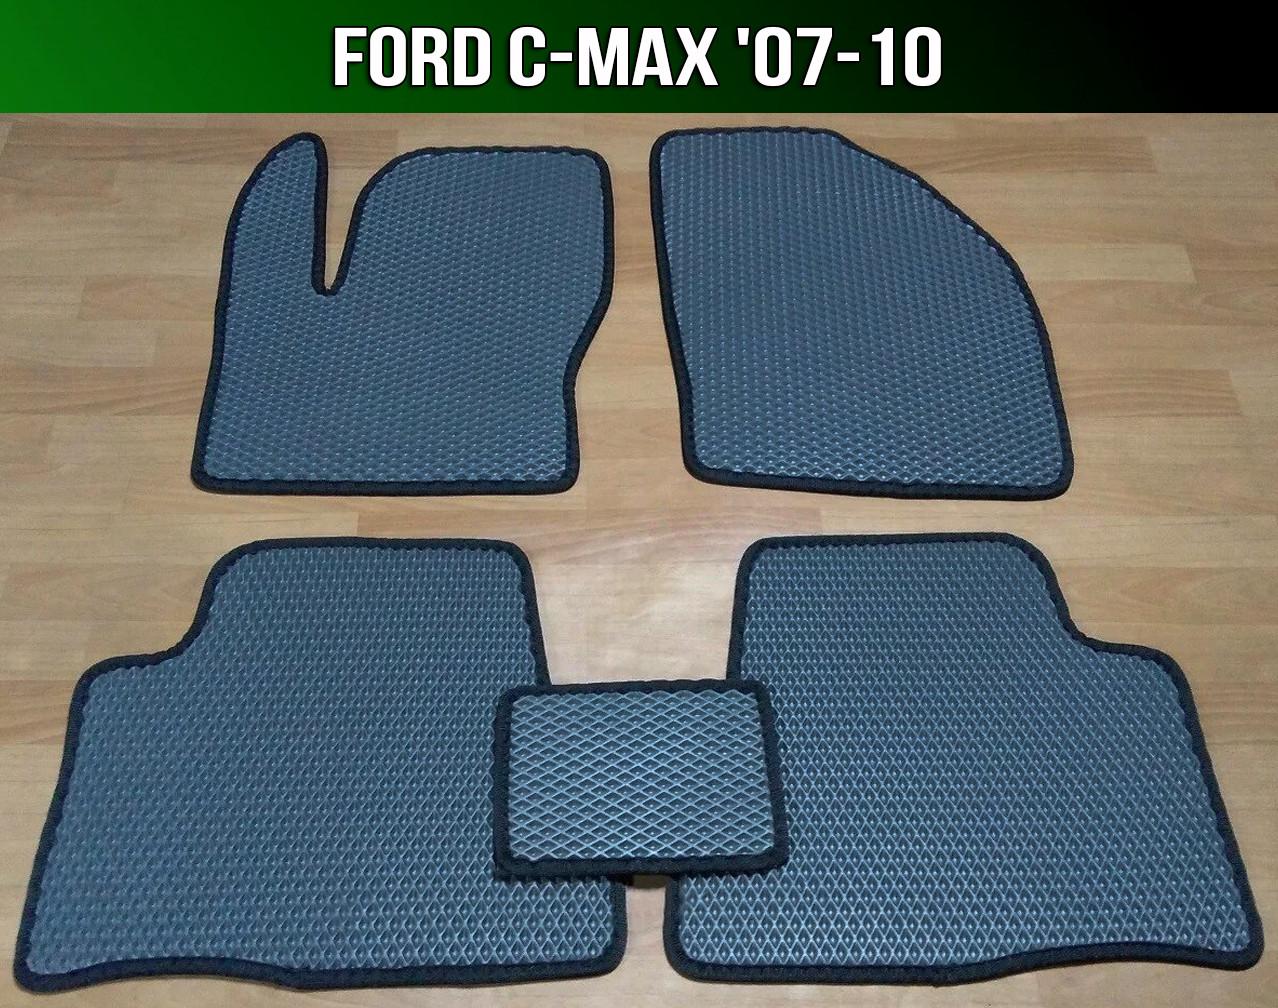 ЕВА коврики на Ford C-Max '07-10. Ковры EVA Форд Ц Макс Си Макс